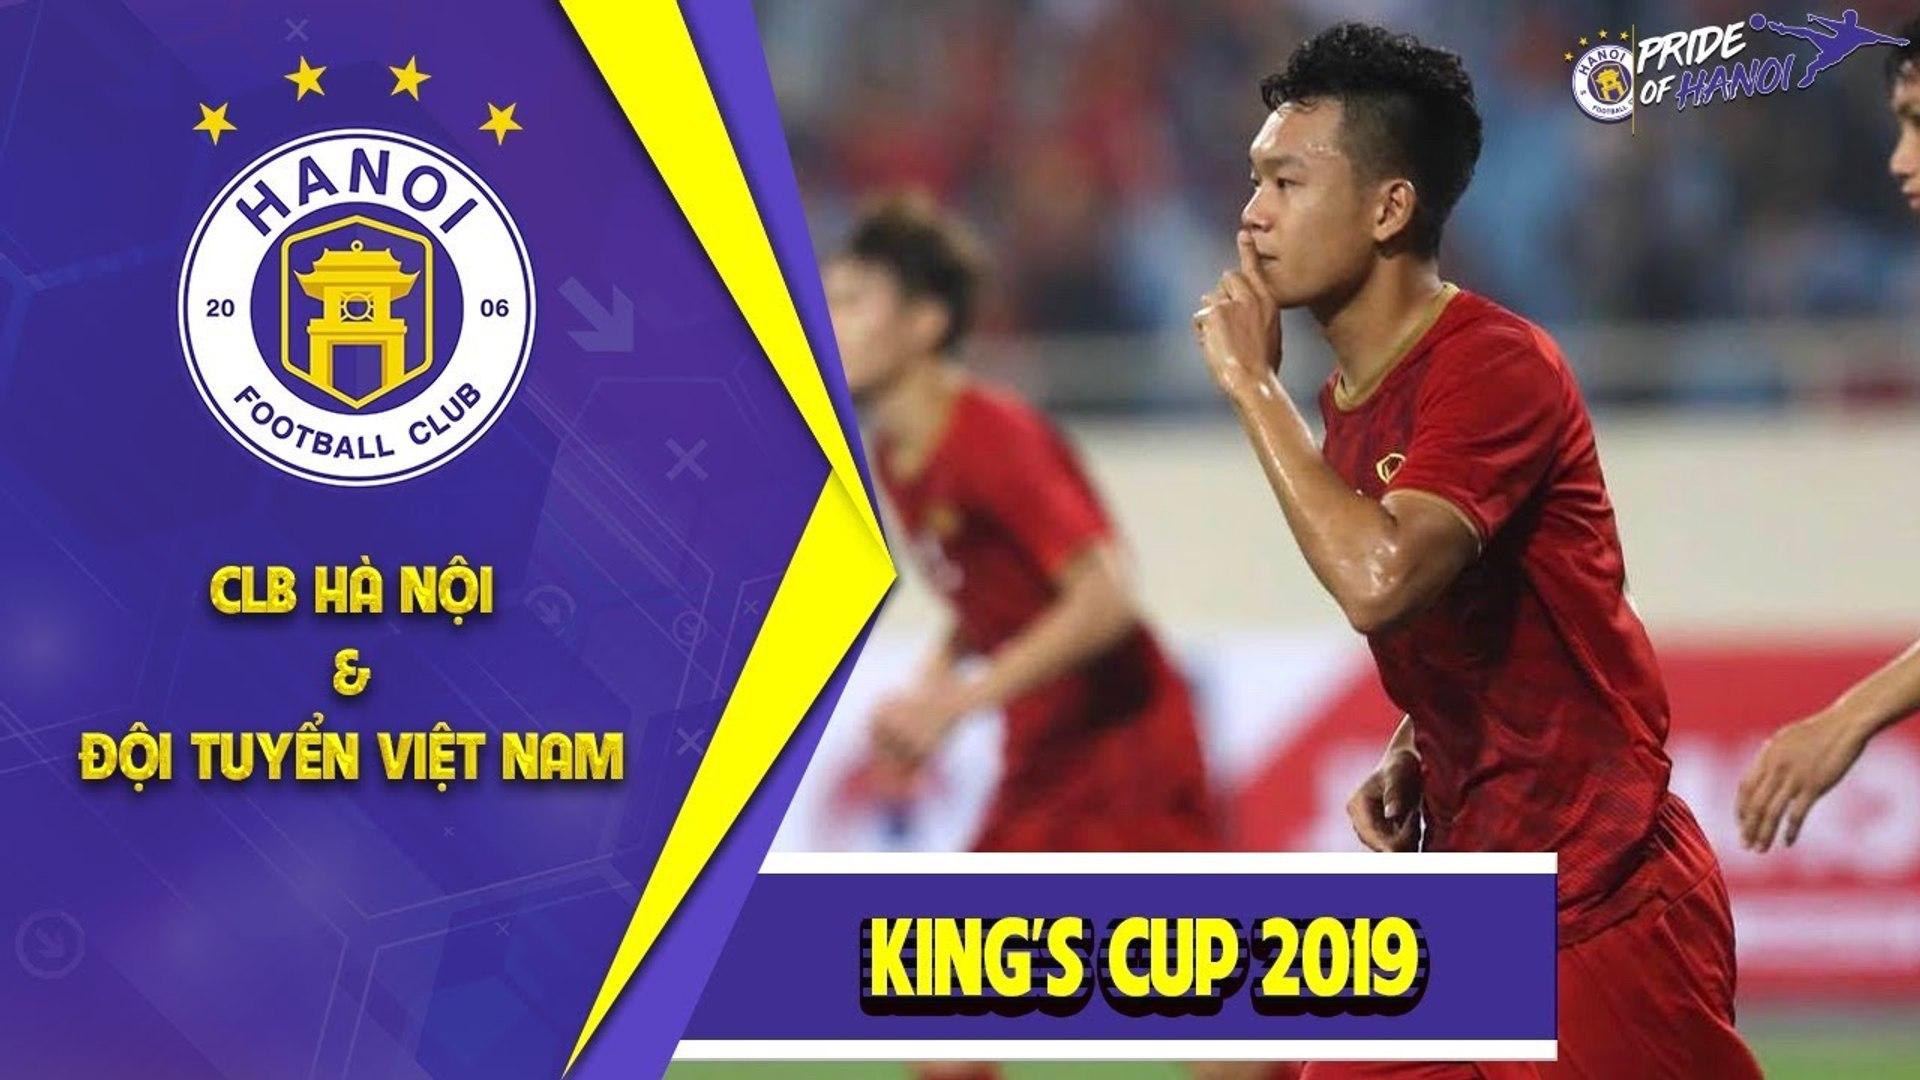 Thành Chung - Sự bổ sung hoàn hảo cho vị trí của Đình Trọng trong màu áo ĐTVN tại King's Cup